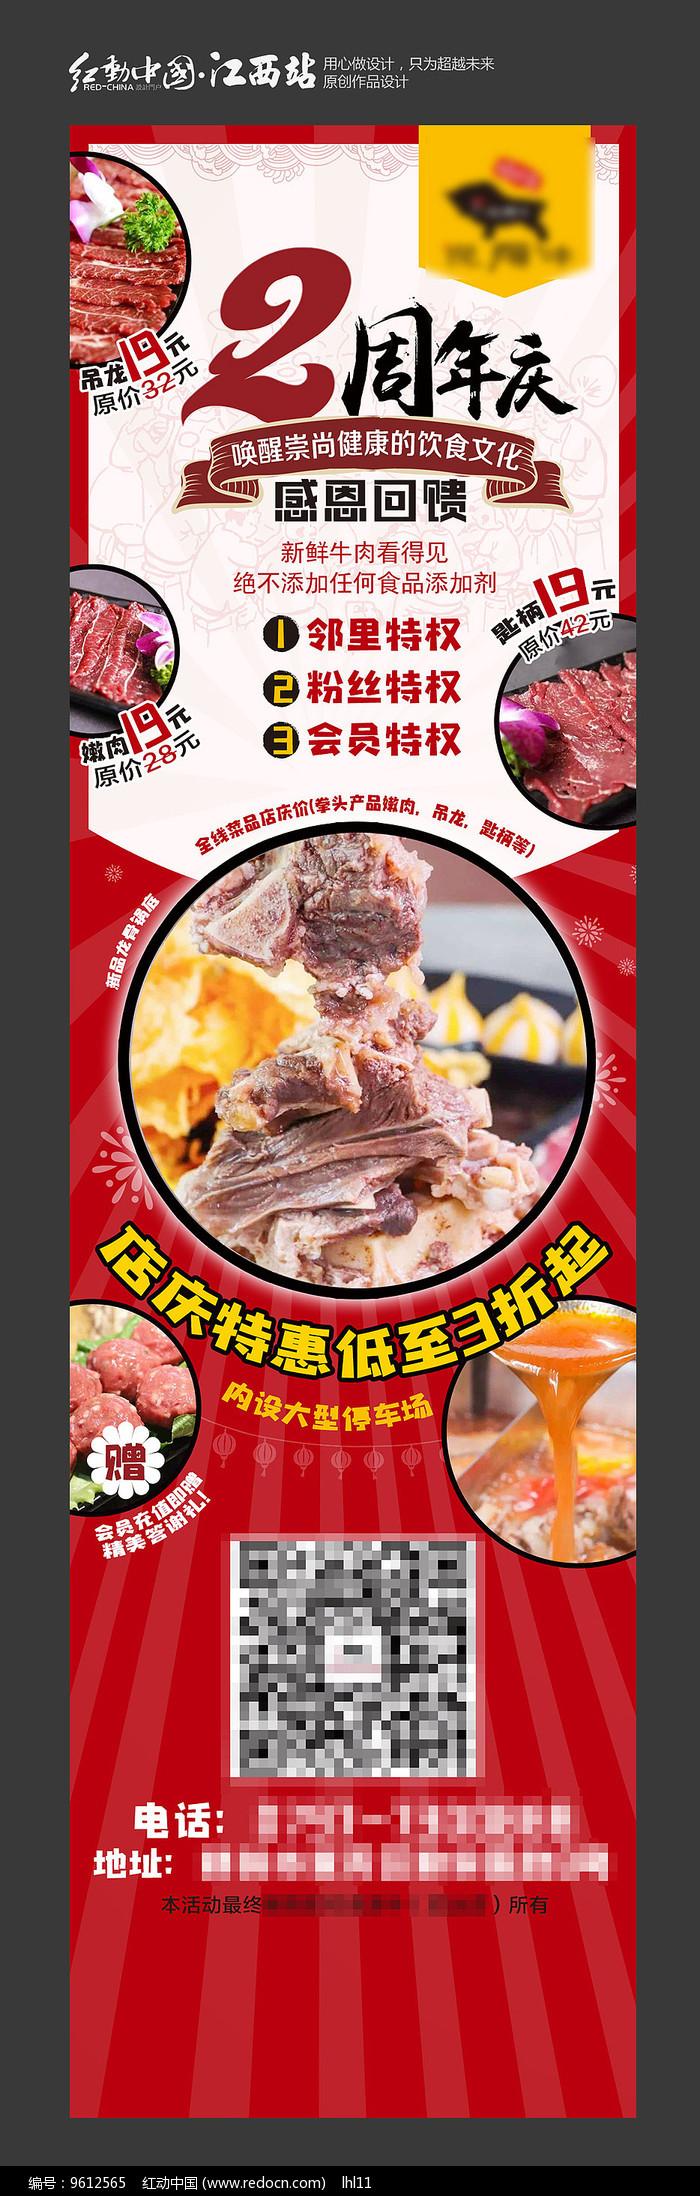 餐饮店铺2周年活动促销X展架图片